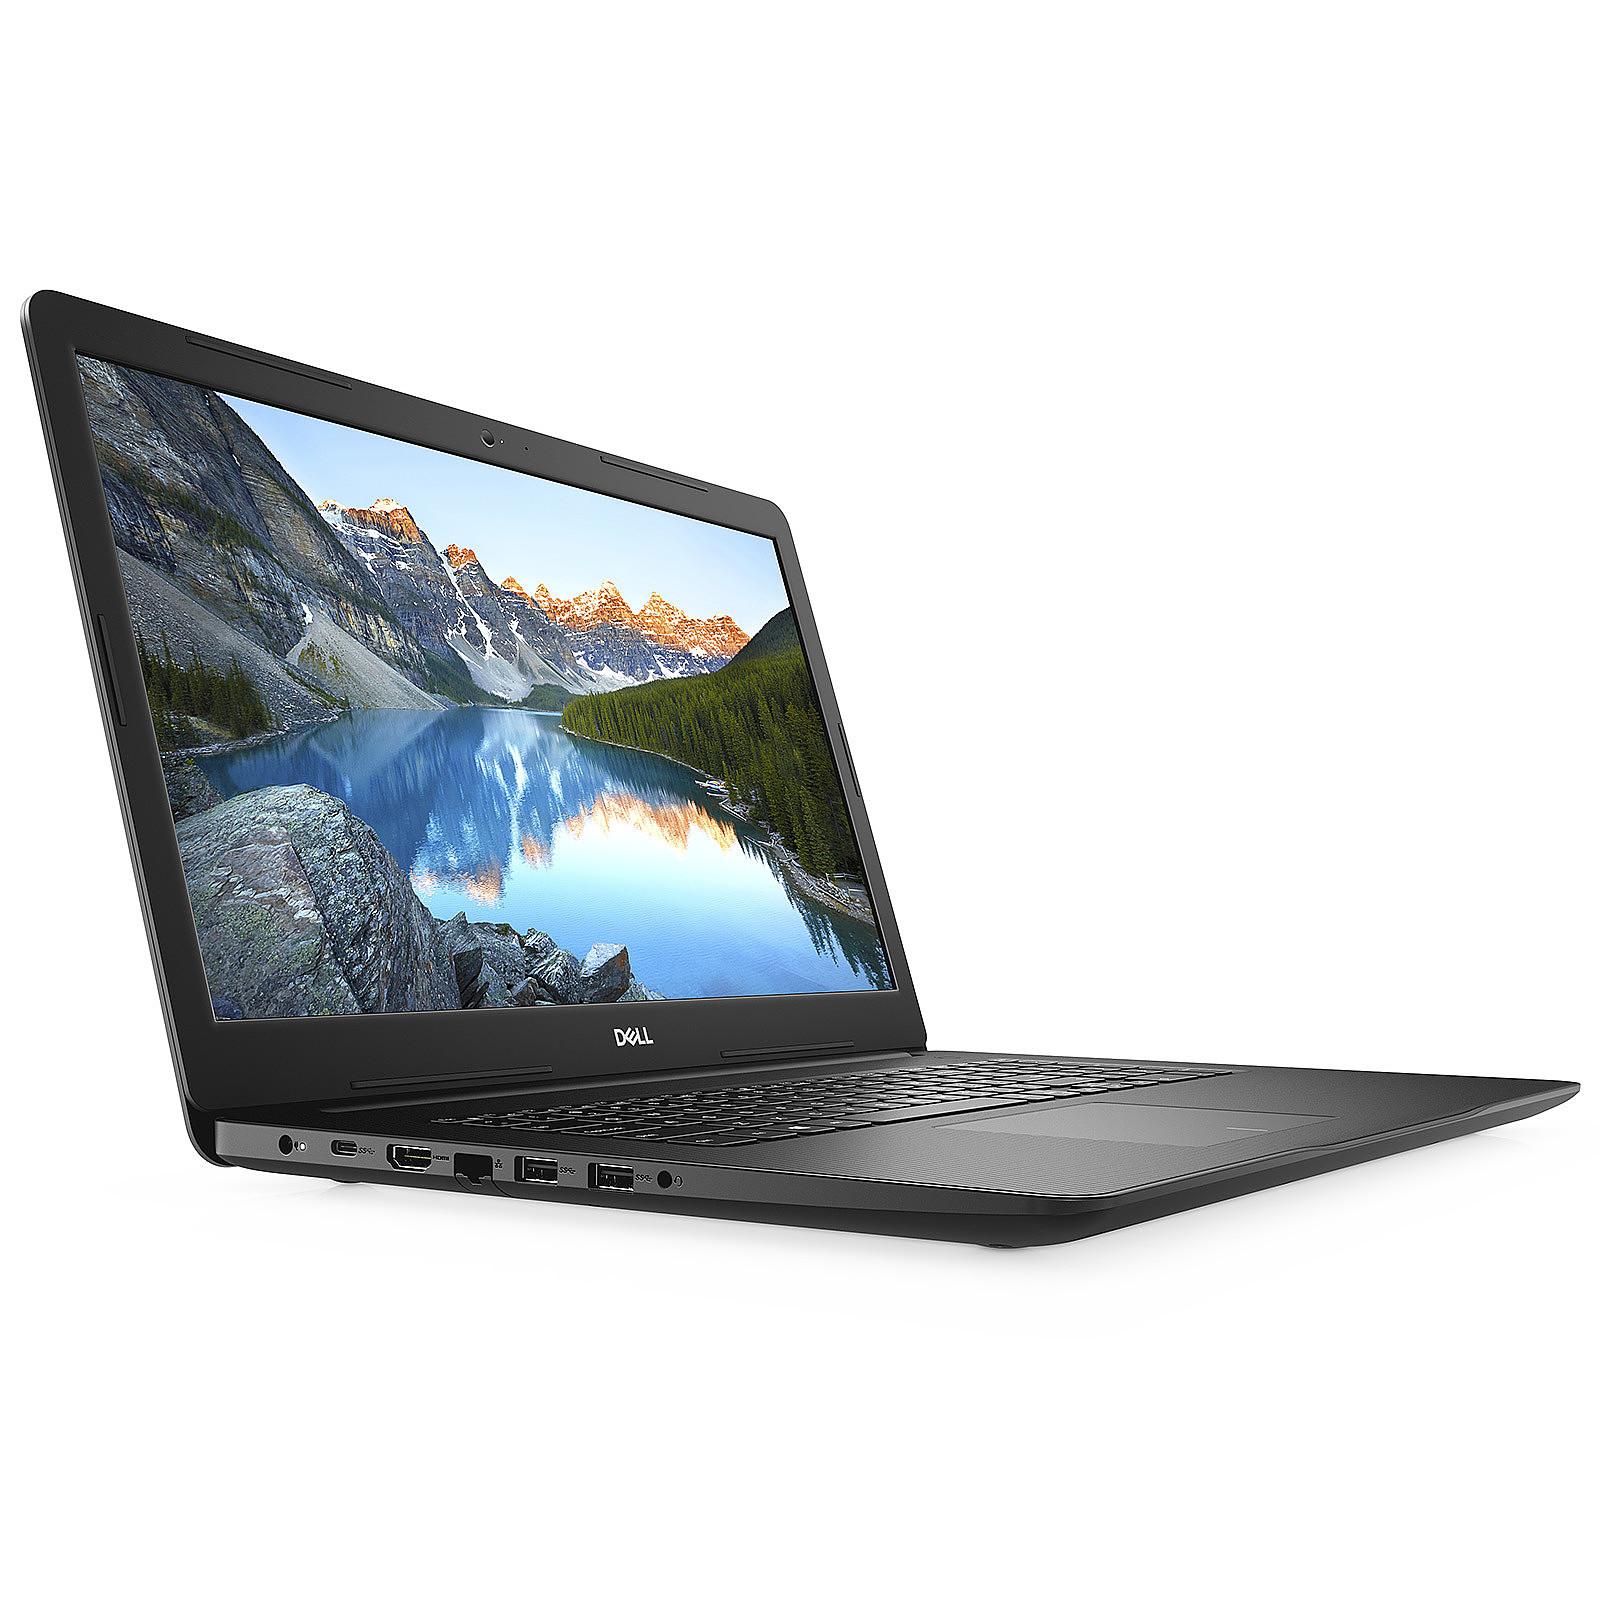 Dell Inspiron 17 3793 (3793-0096)